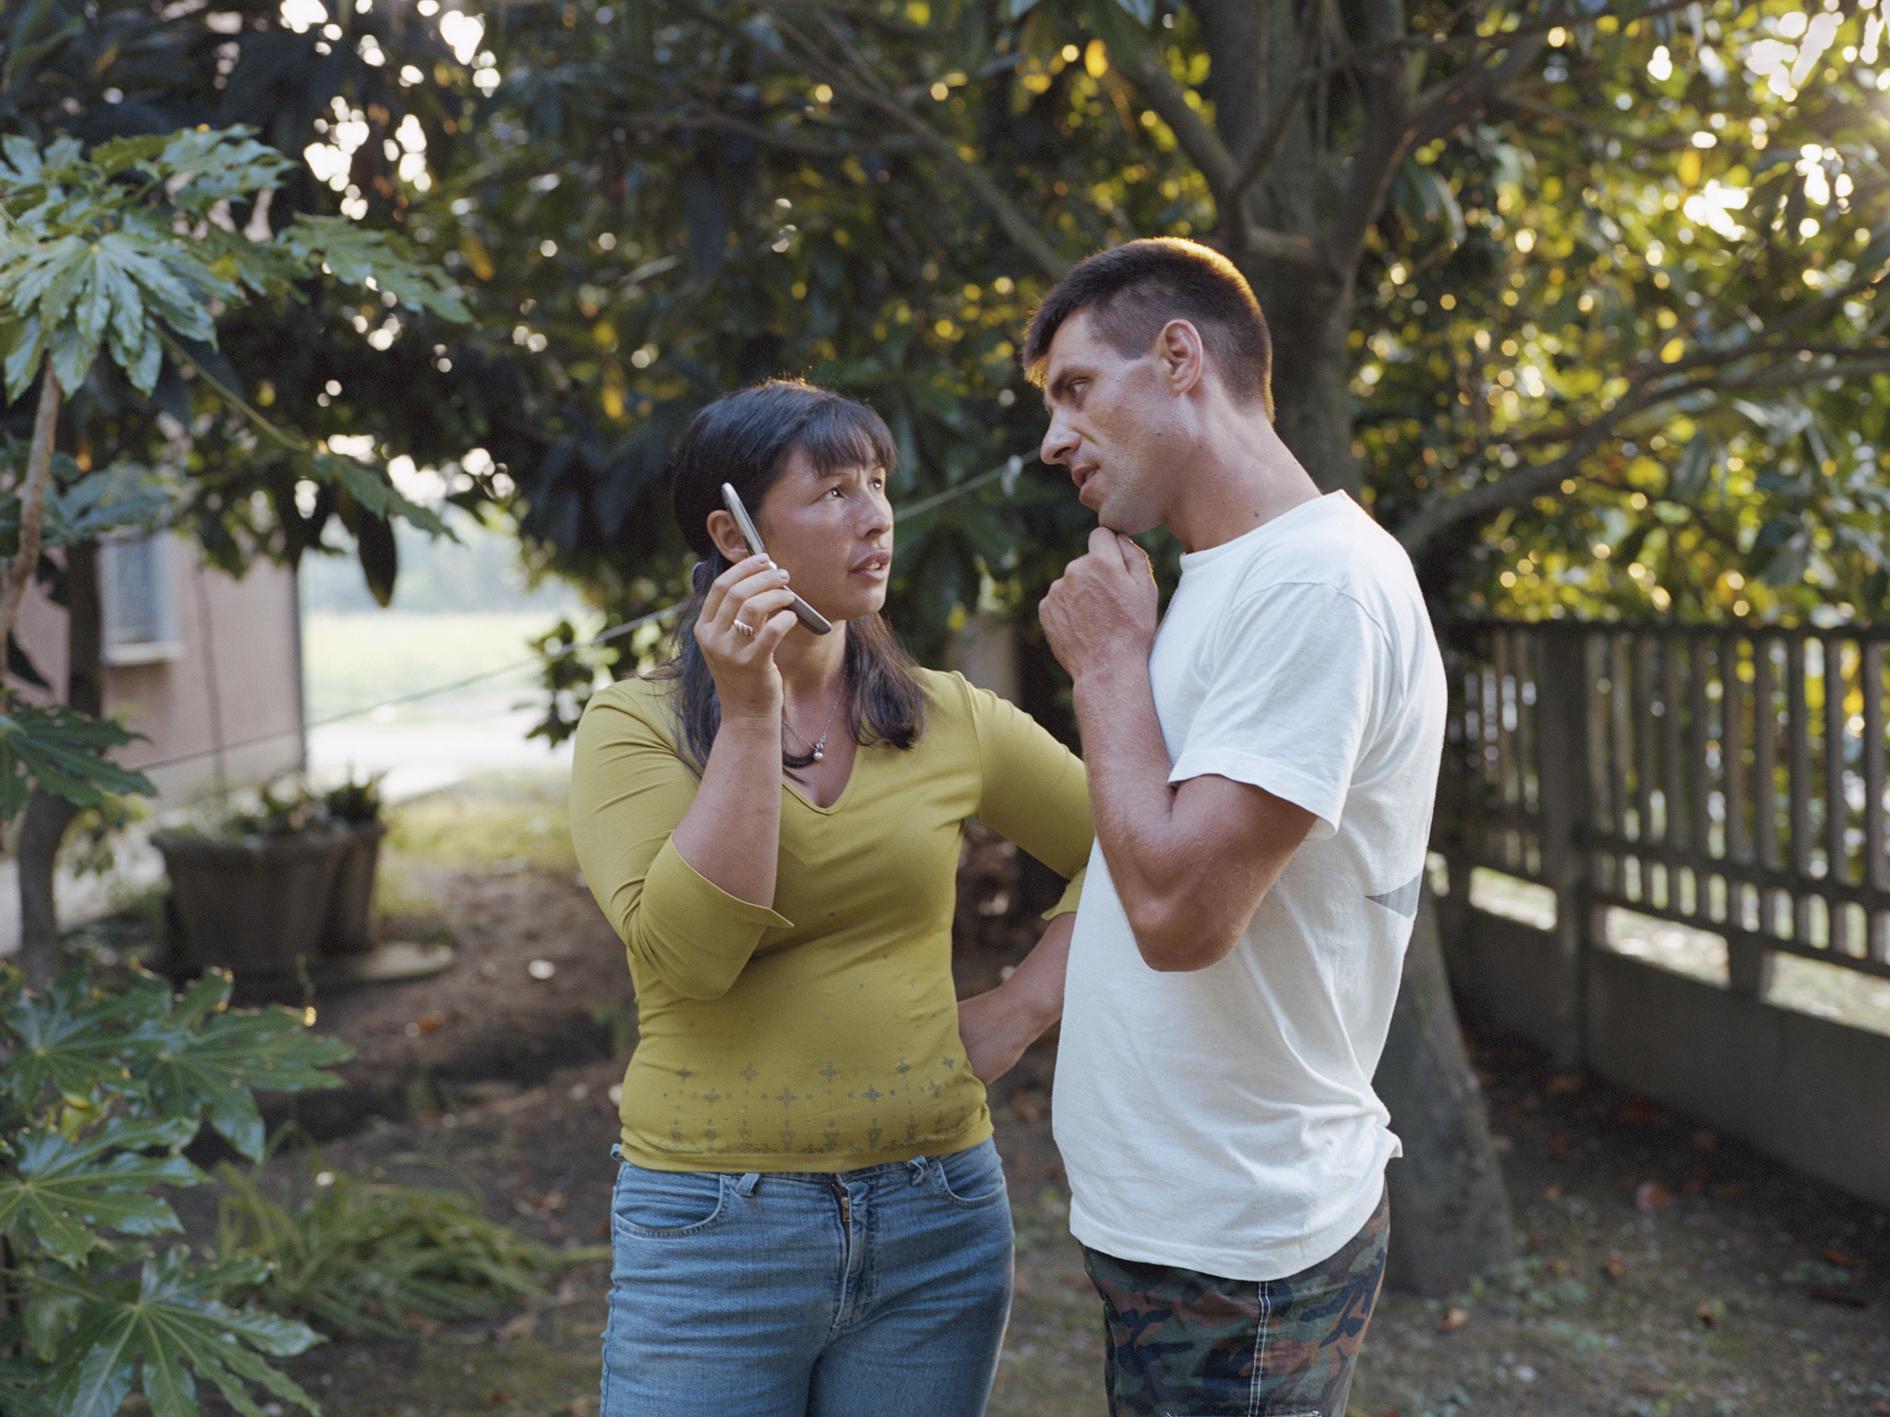 Aliona und Wanja, aus der Serie Land ohne Eltern